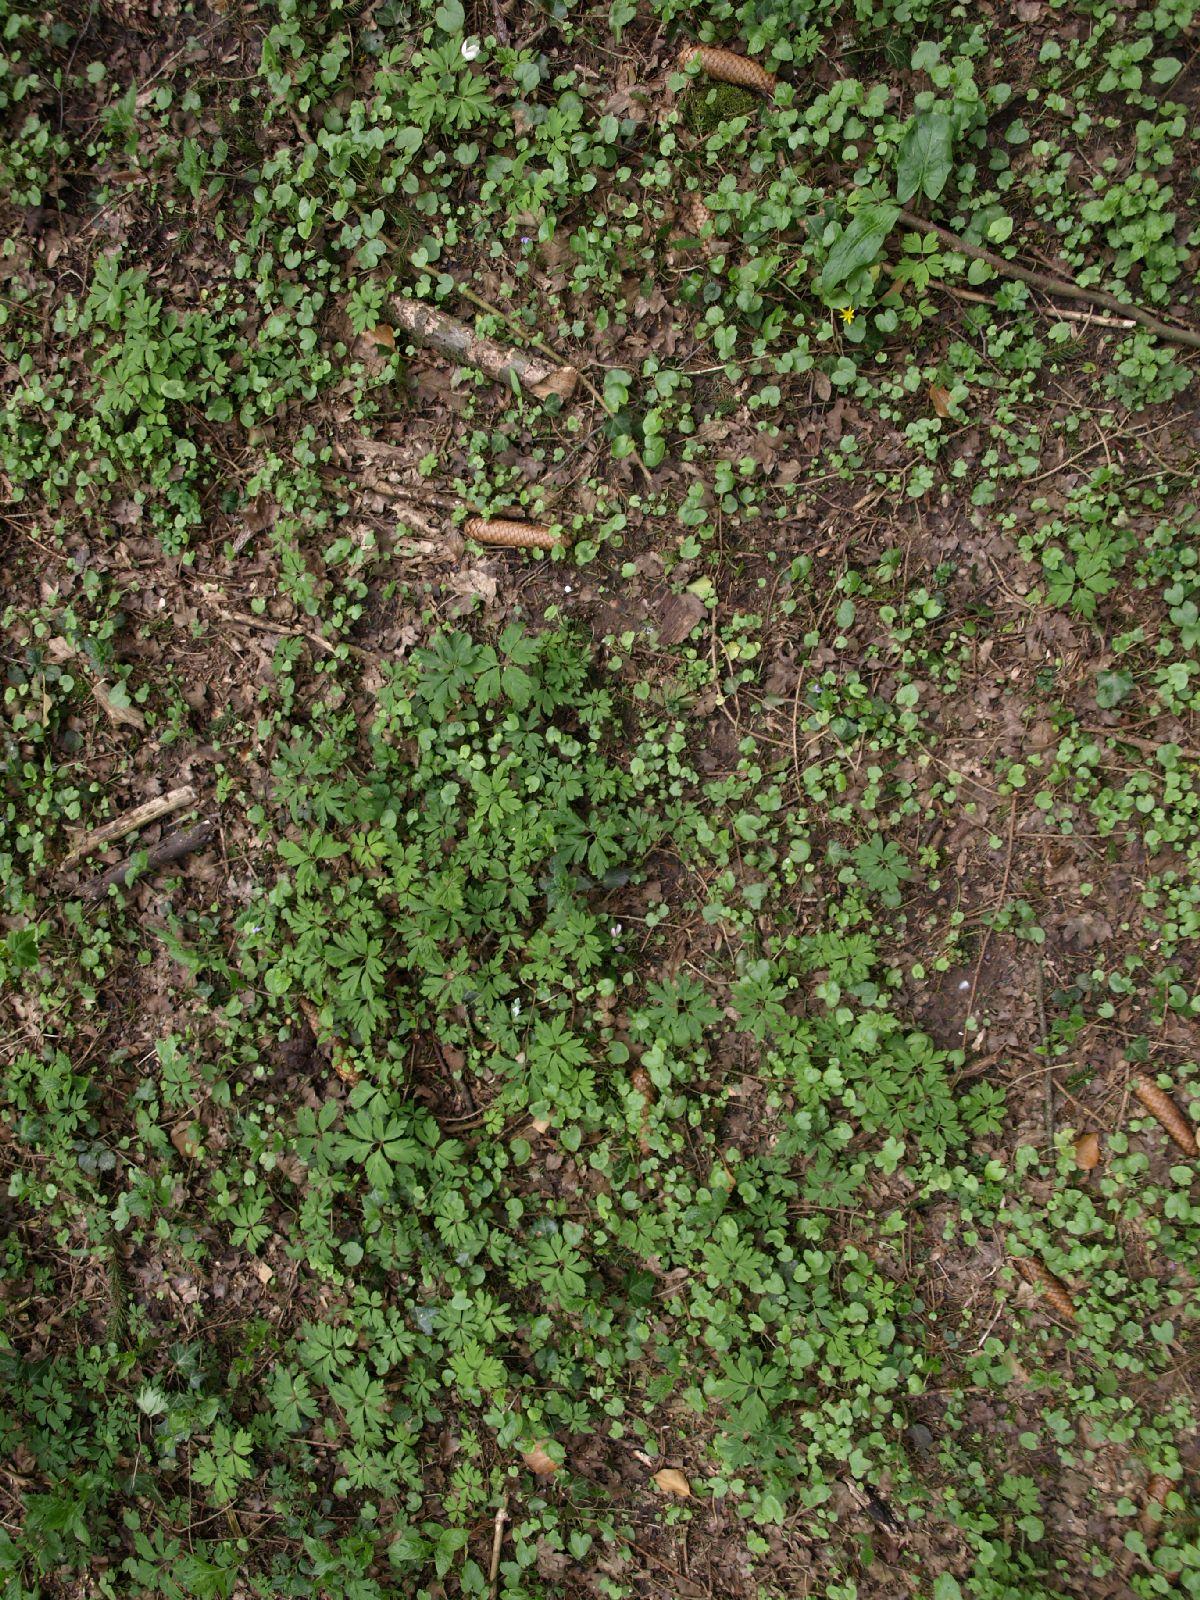 Boden-Gras-Moos-Blumen_Textur_A_P4231719